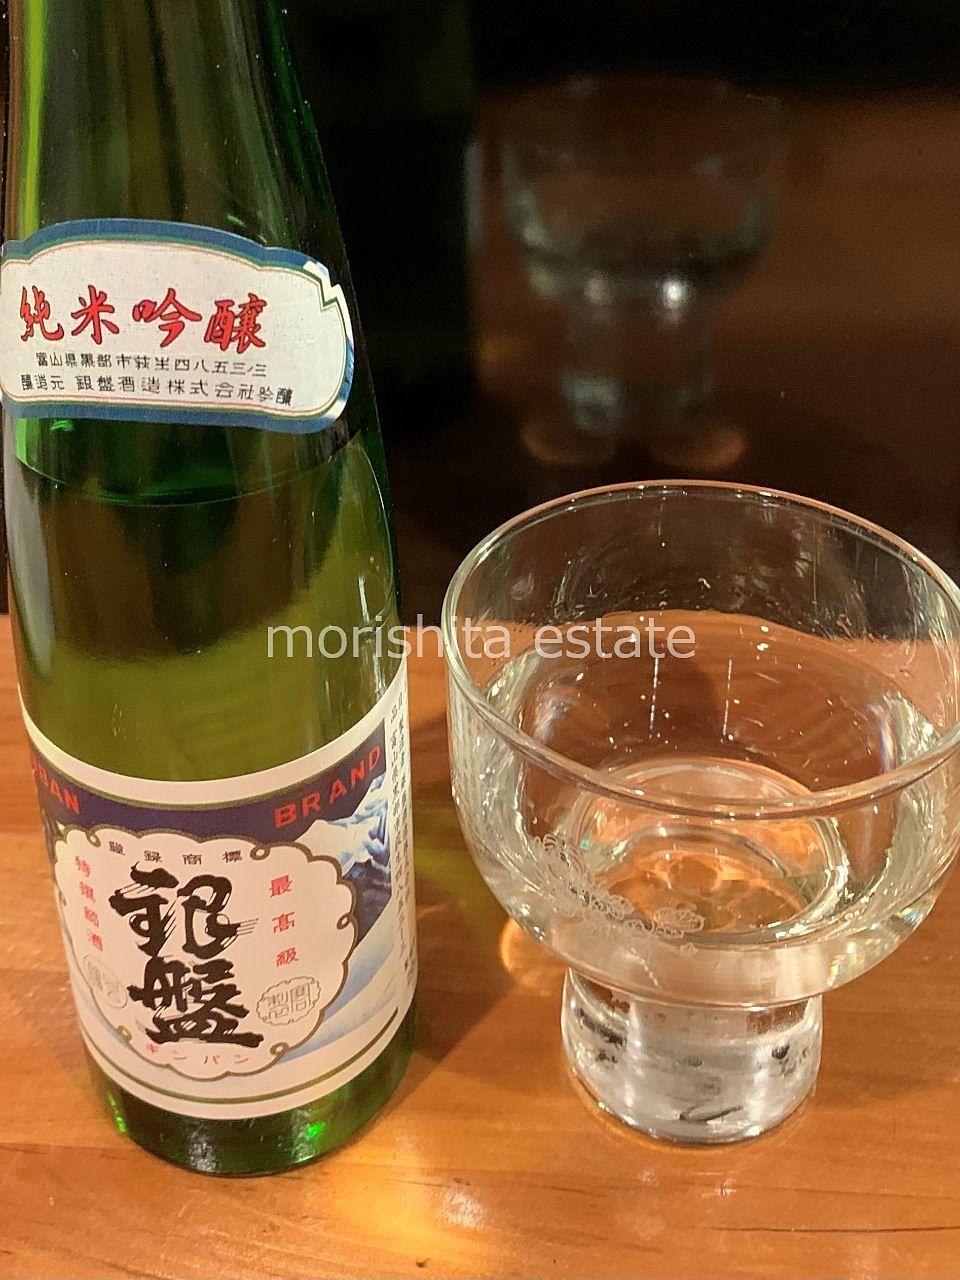 森下 とよ寿司 鮨 つまみ 日本酒 刺身 にぎり寿司 写真